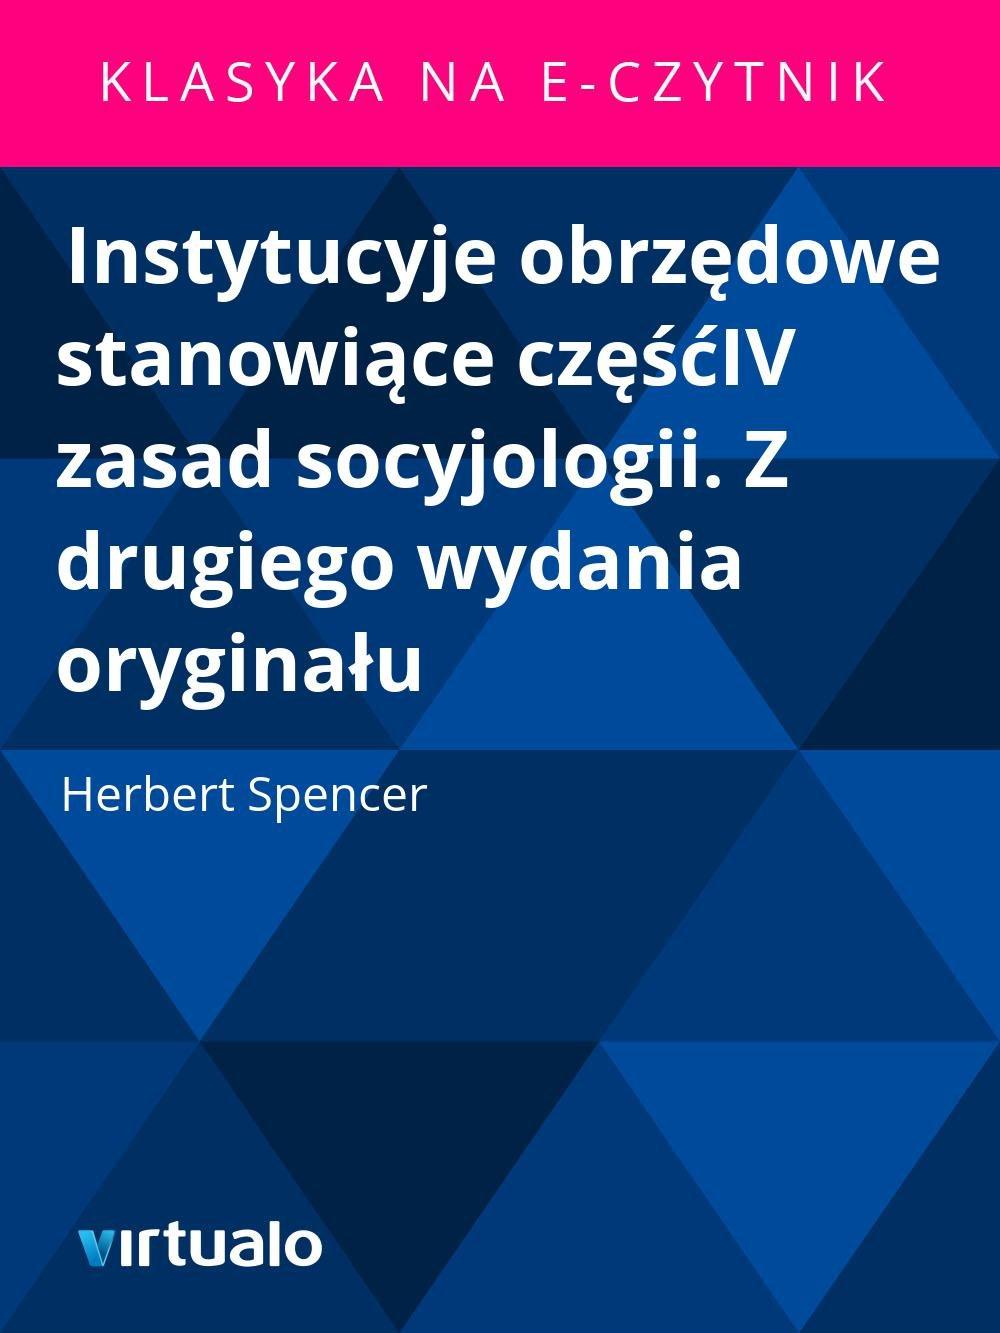 Instytucyje obrzędowe stanowiące częśćIV zasad socyjologii. Z drugiego wydania oryginału - Ebook (Książka EPUB) do pobrania w formacie EPUB